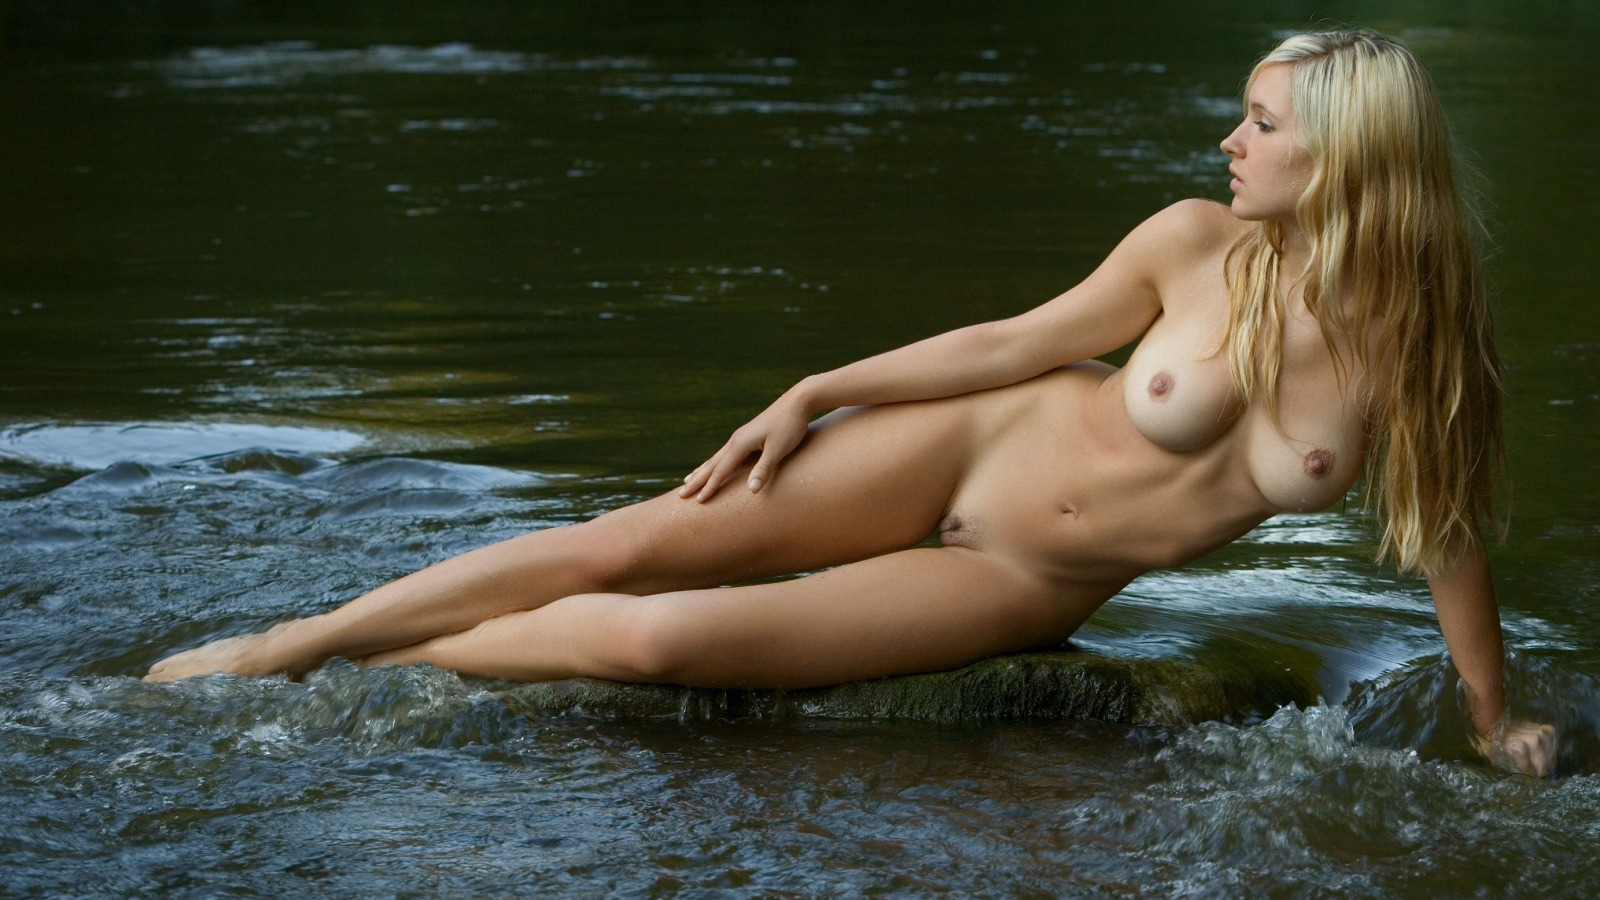 фото голых девушек отличнего качество